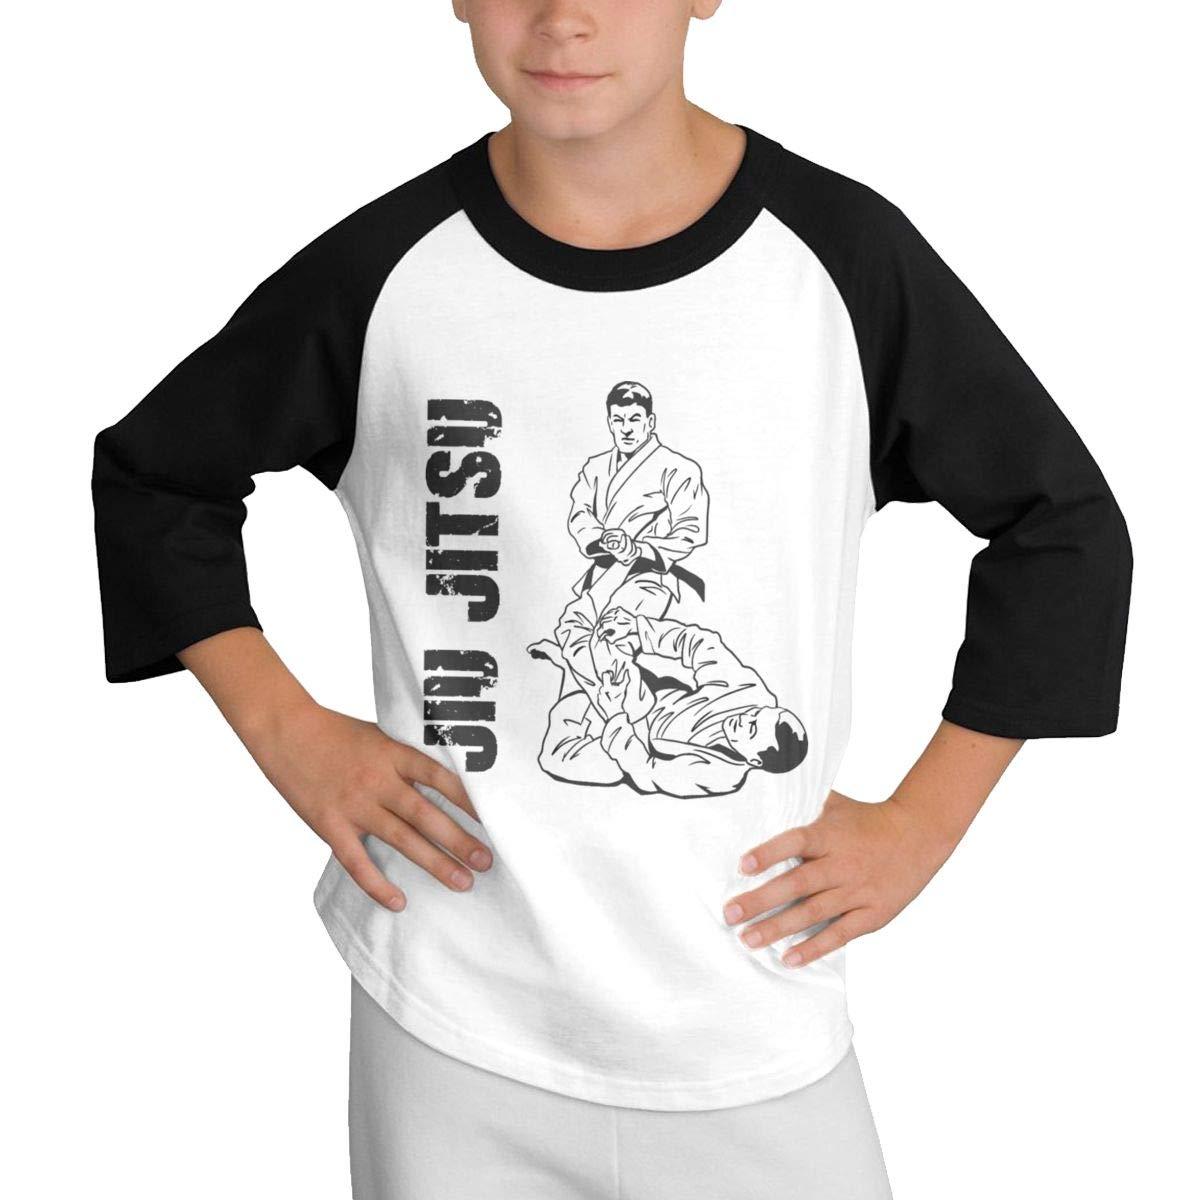 BowersJ Kids Todd Rundgren The Very Best of Todd Rundgren Design 3D Printed Short Sleeve Tshirt for Girls /& Boys Black